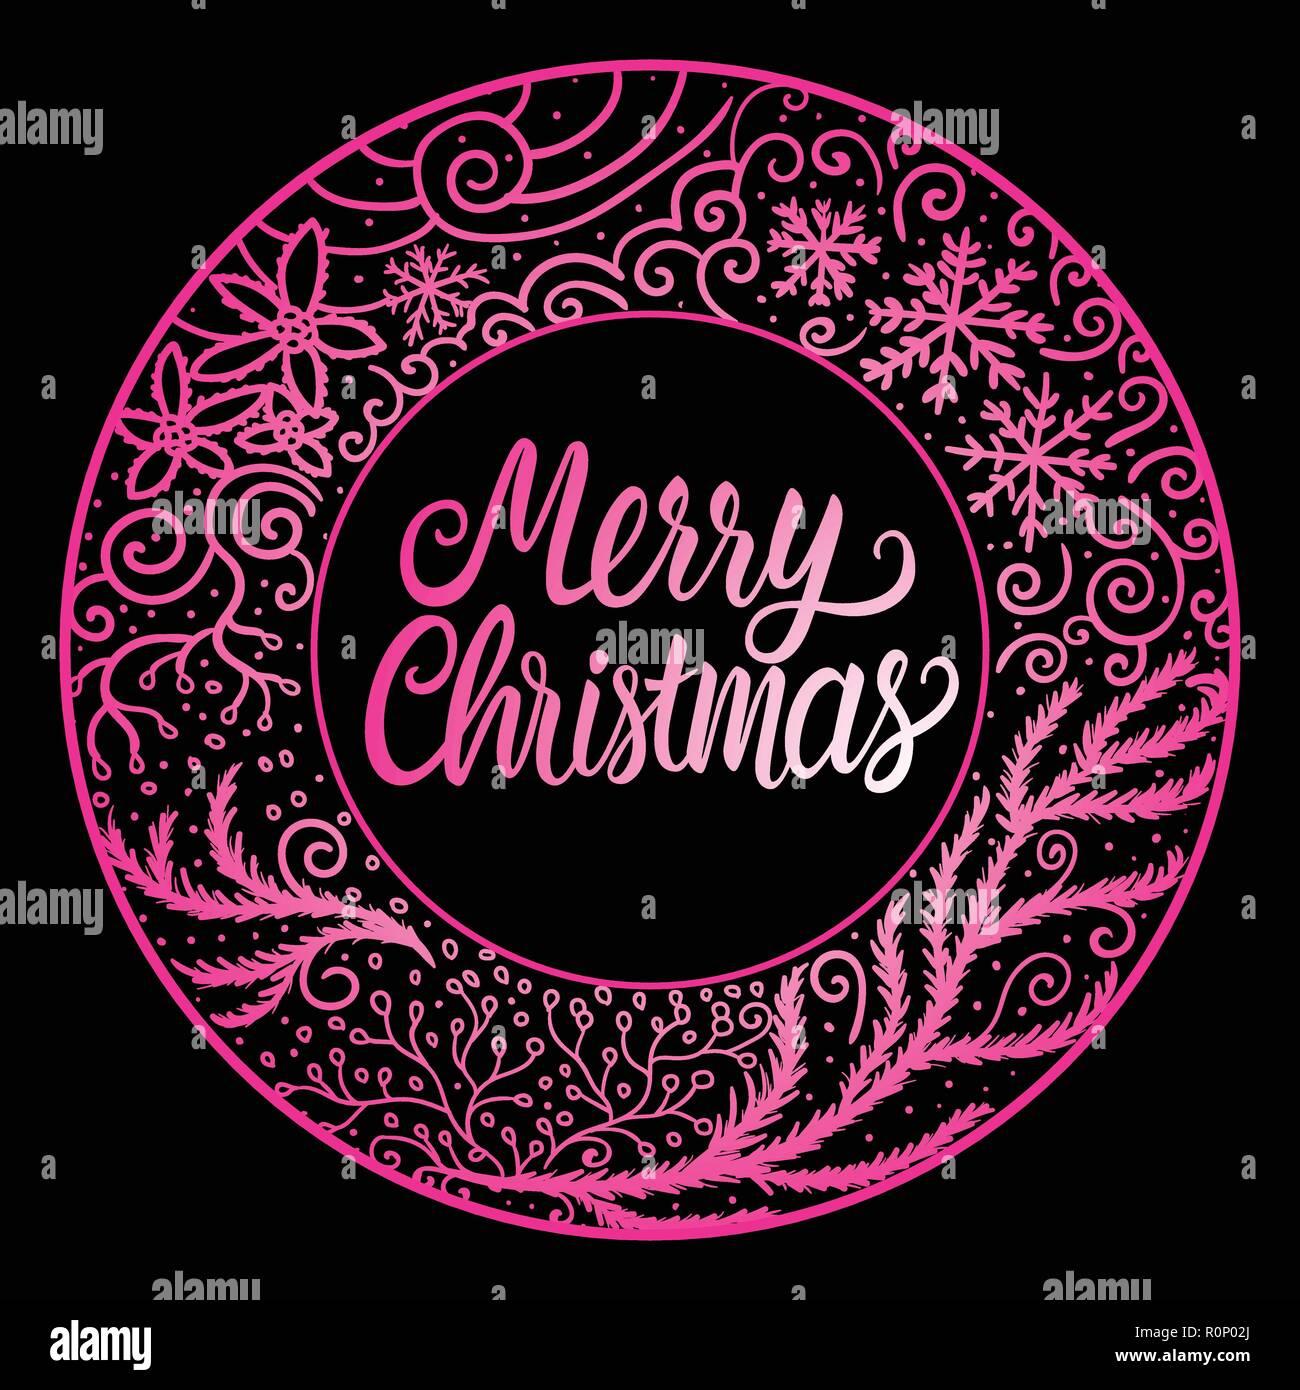 Buon Natale Scritte Iscrizione Colore Rosa Cornice Rotonda Inverno